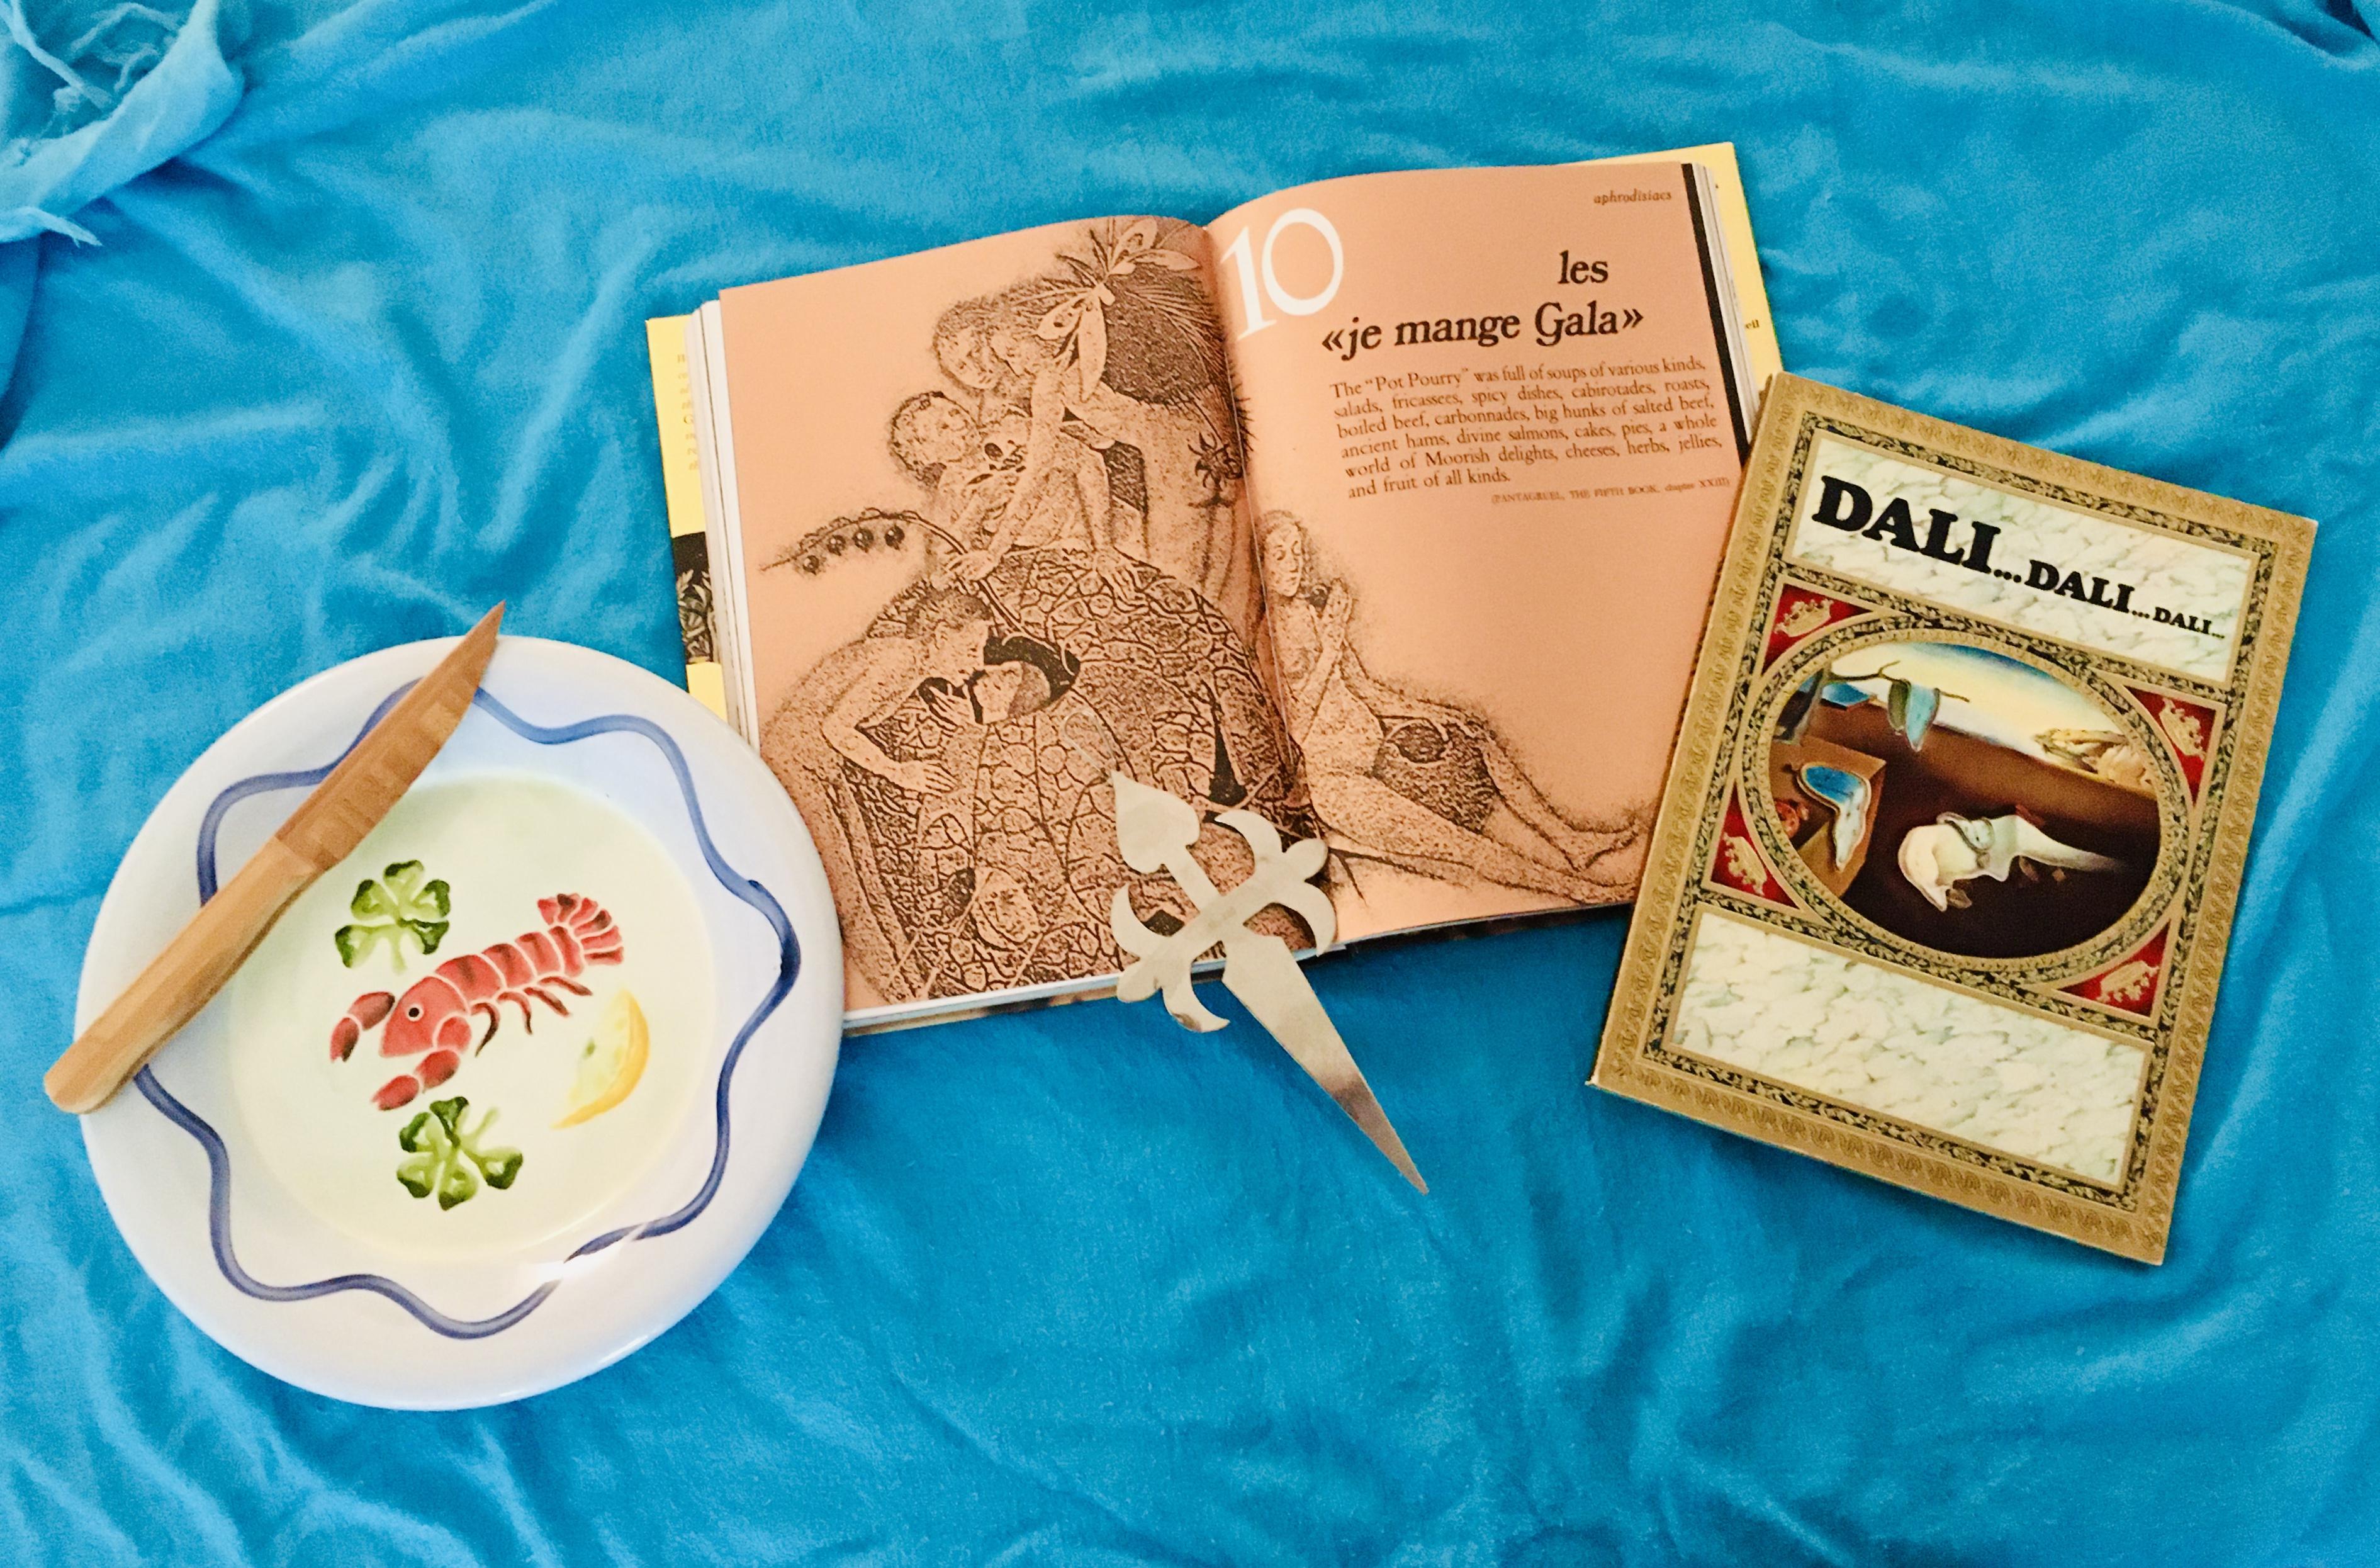 Salvador Dali: Les Diners de Gala